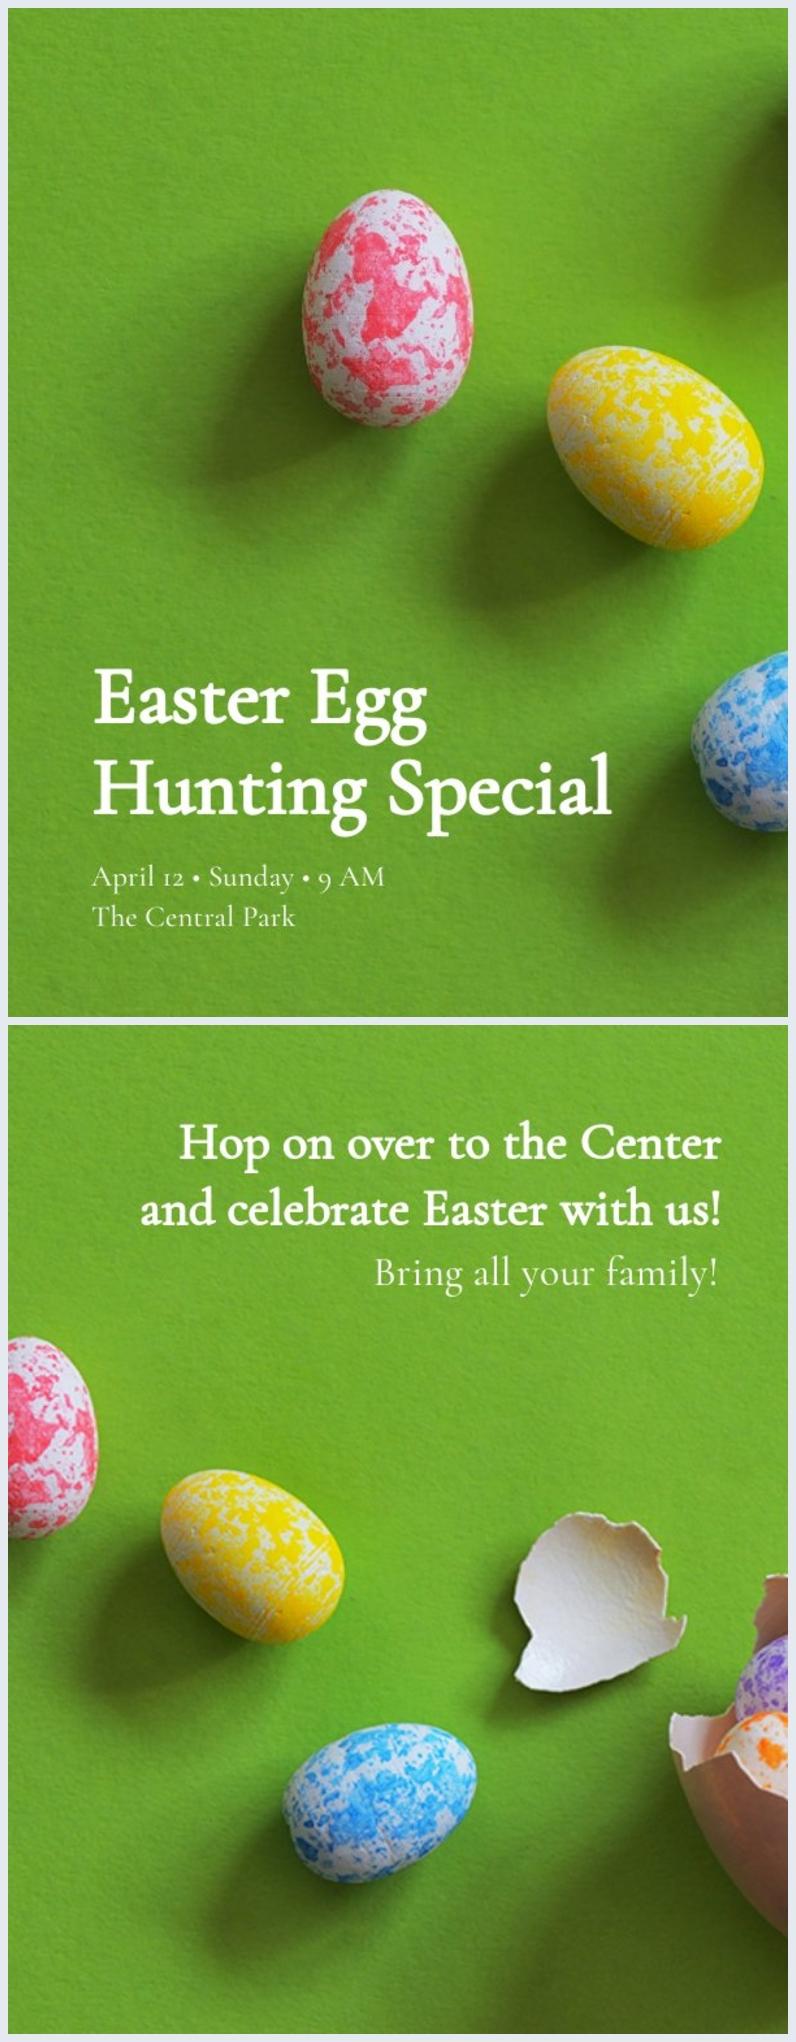 Diseño de tarjeta de búsqueda de huevos de Pascua